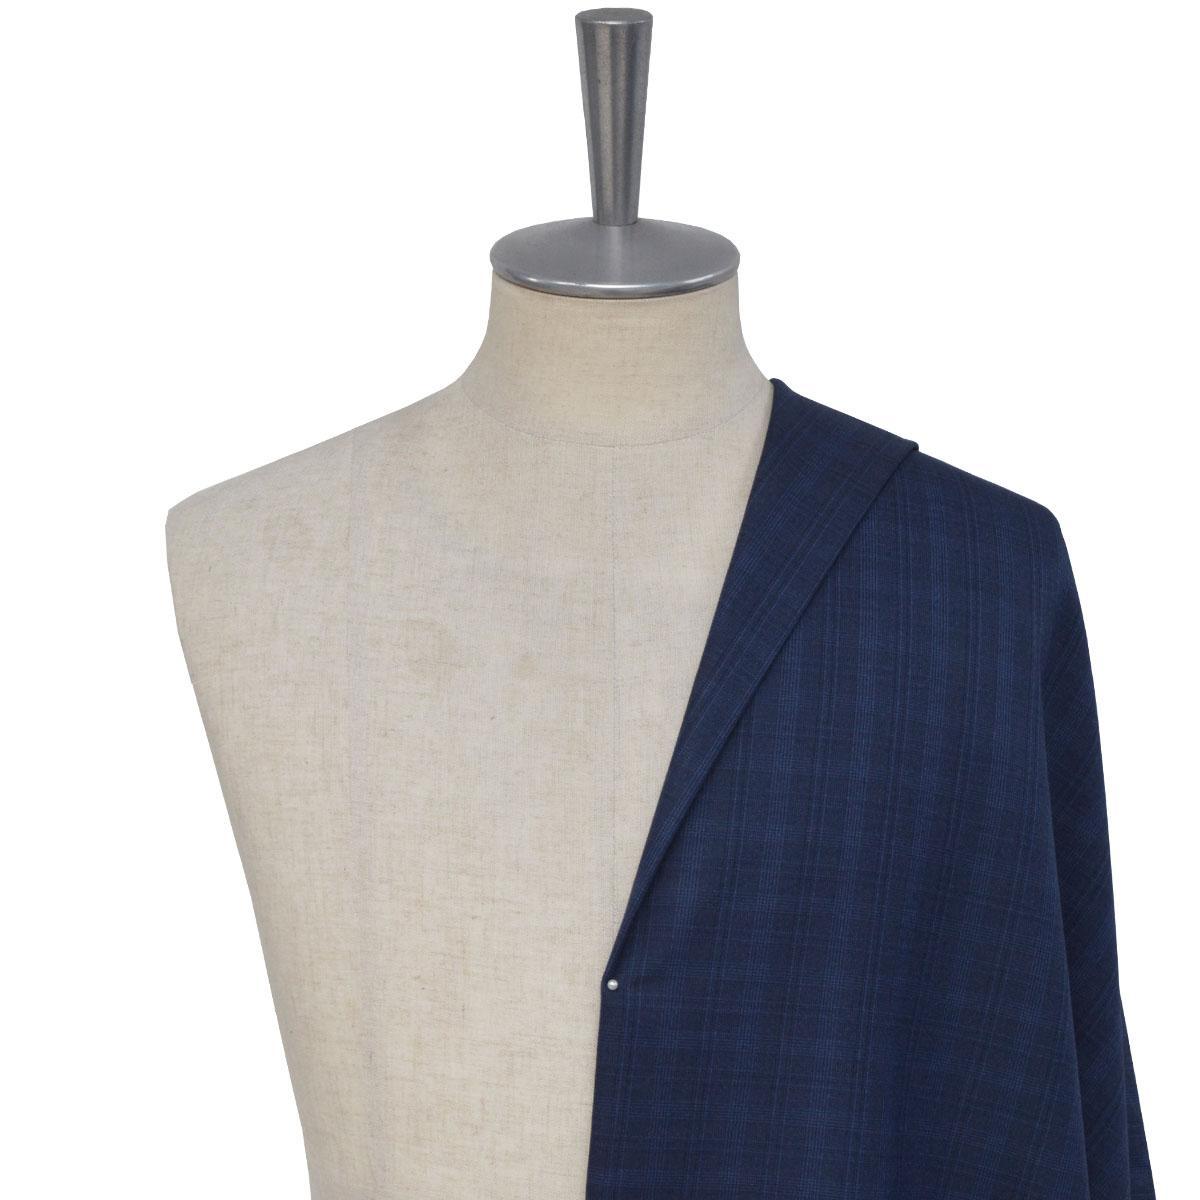 [オーダーレディーススーツ スカートセット]見ればすぐに違いが分かる、ウール×シルク混生地!